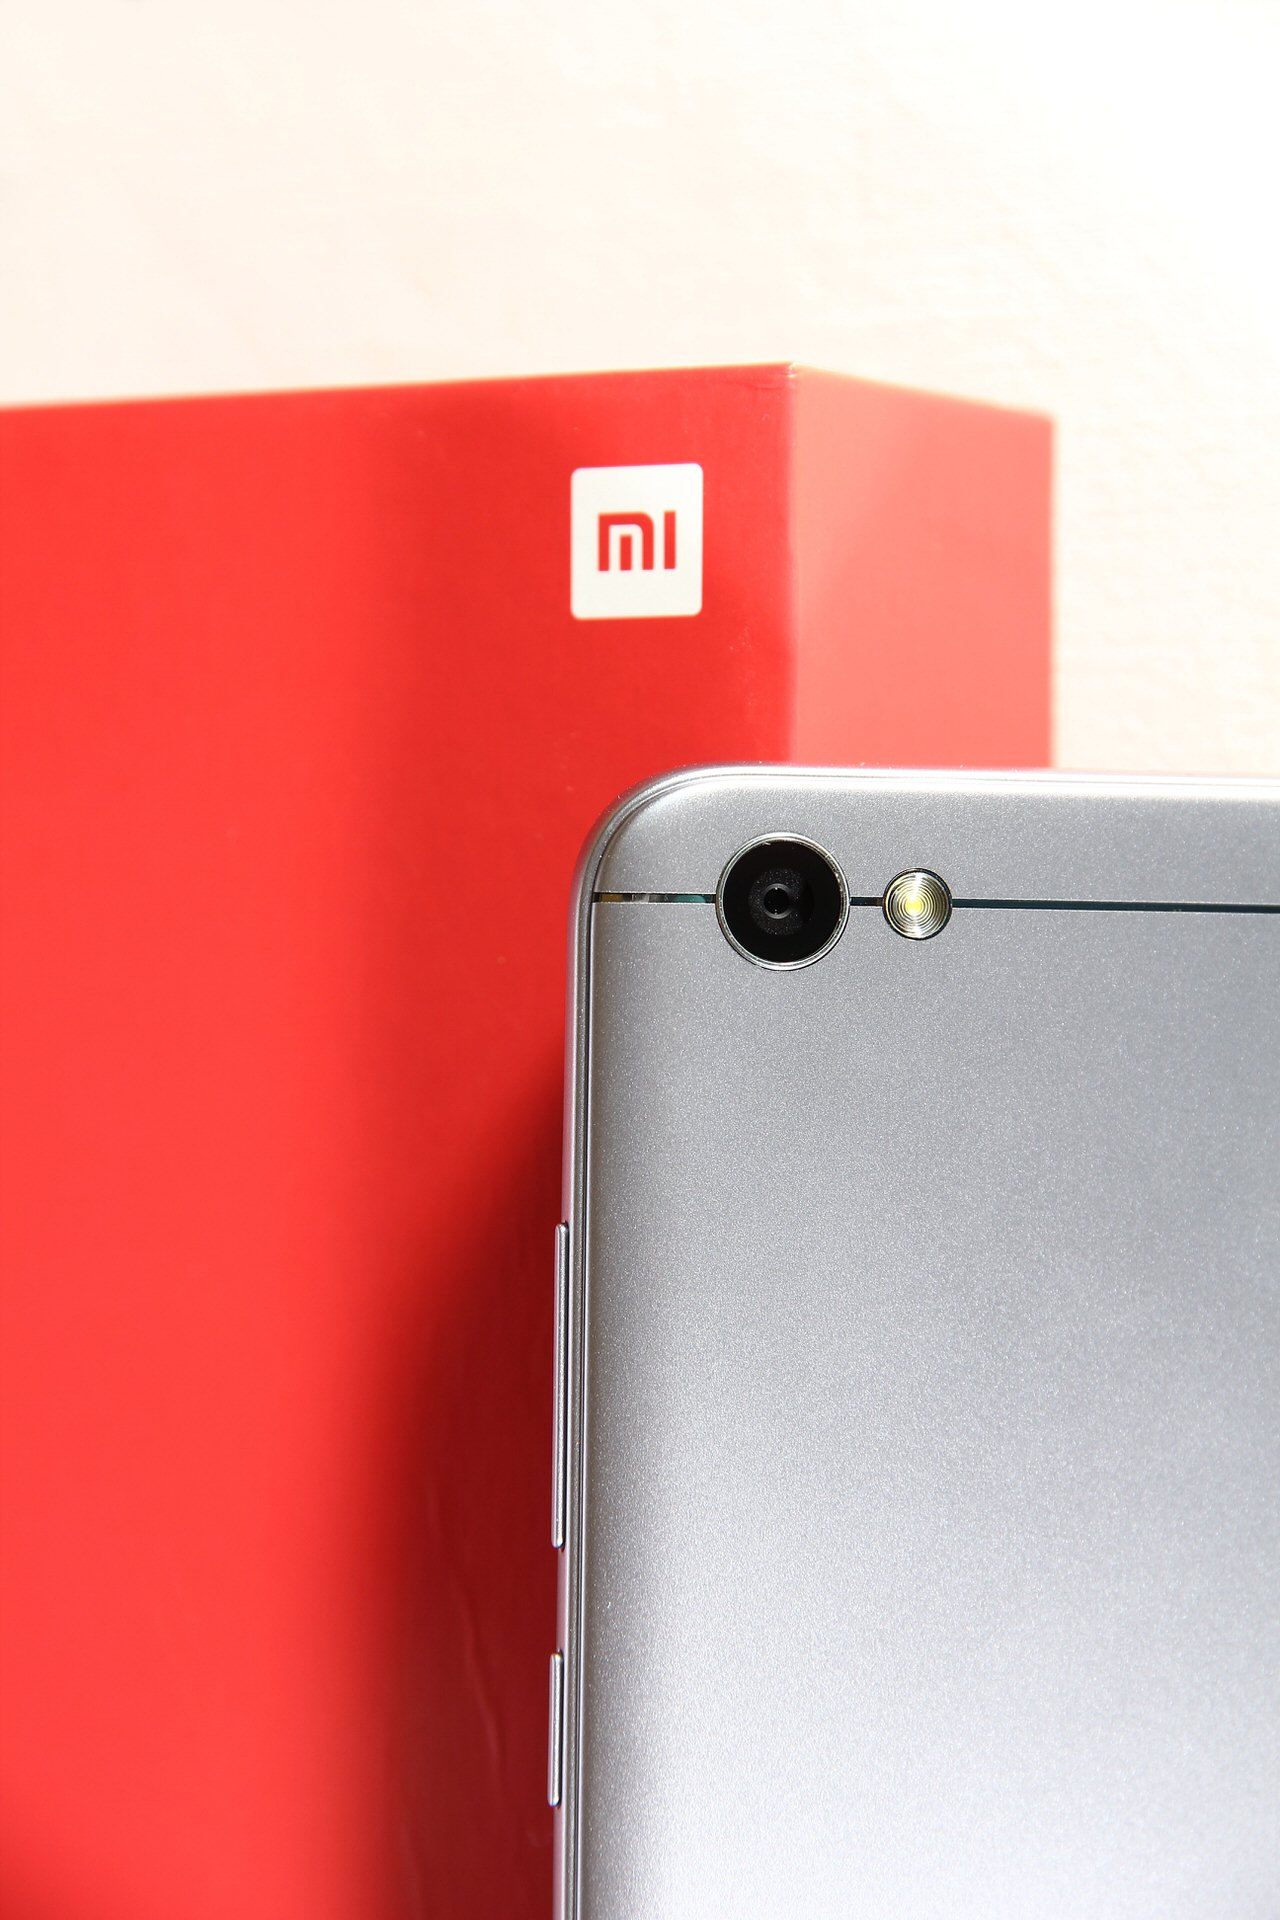 Test Xiaomi Redmi Note 5A : notre avis complet - Smartphones - FrAndroid